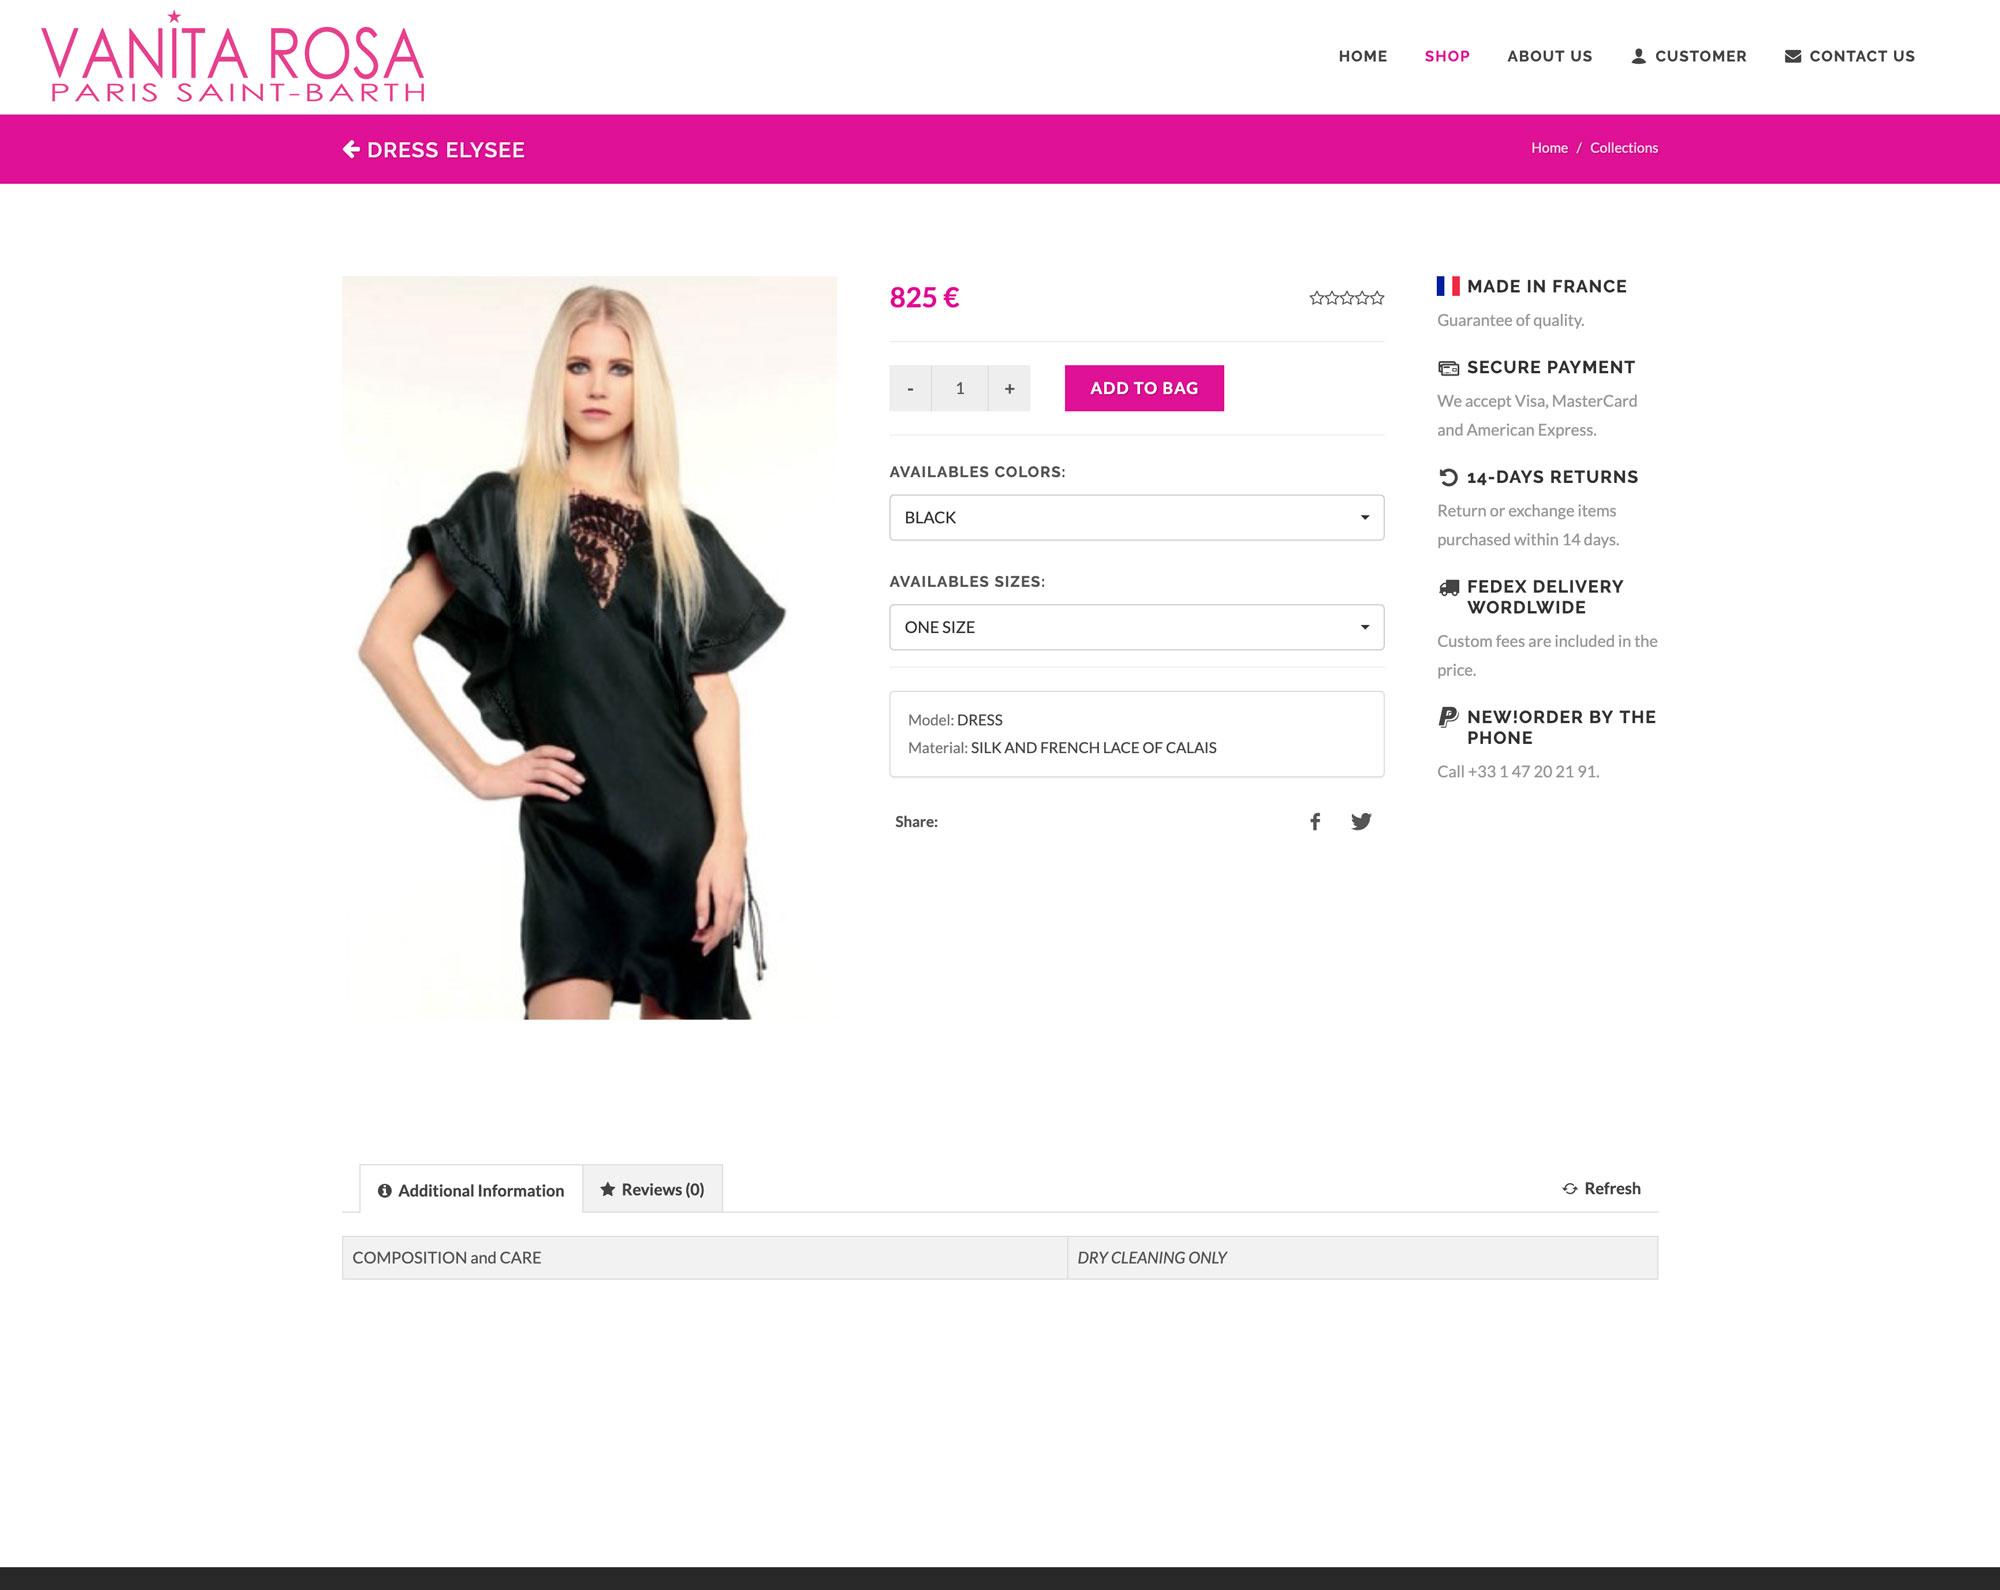 Vanita Rosa